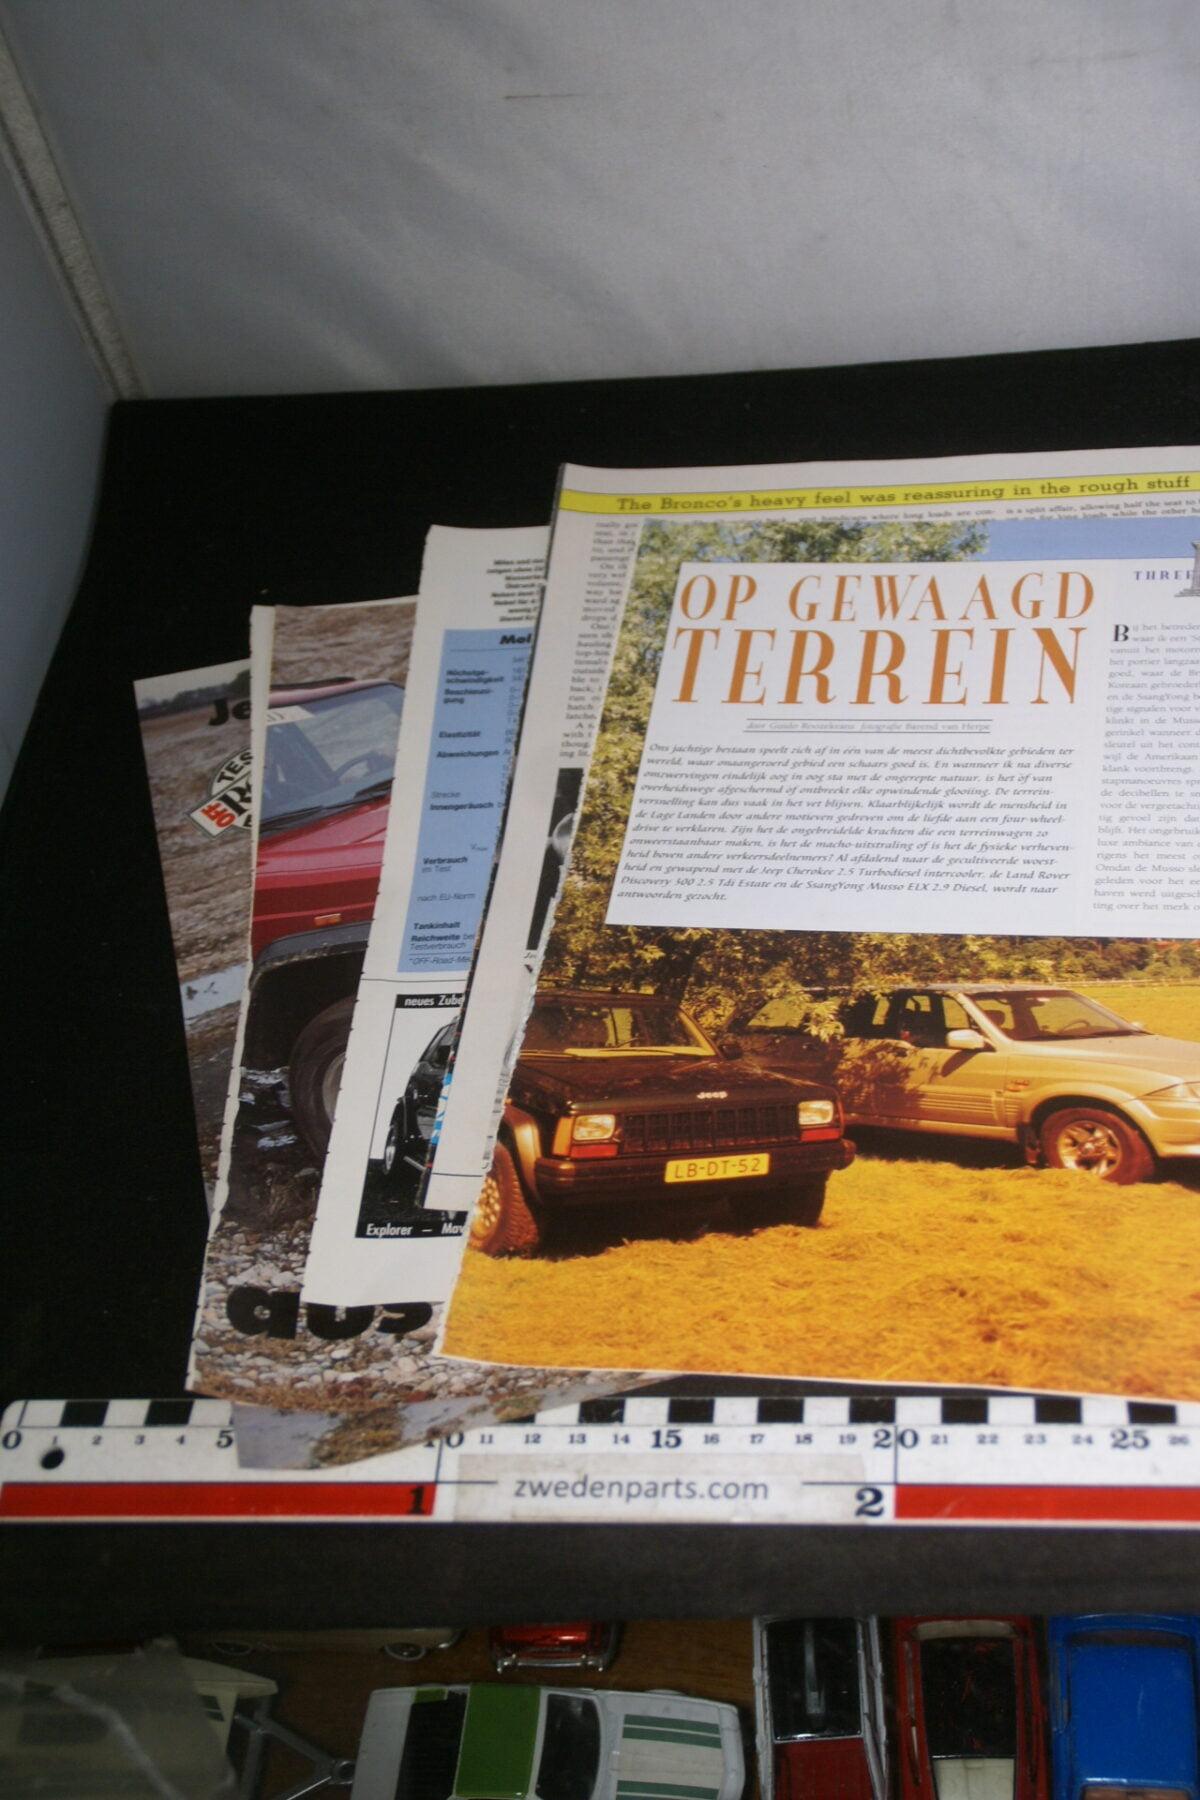 DSC08402 1983 en later map met tijdschrift artikelen van Jeep Cherokee-8742ed36